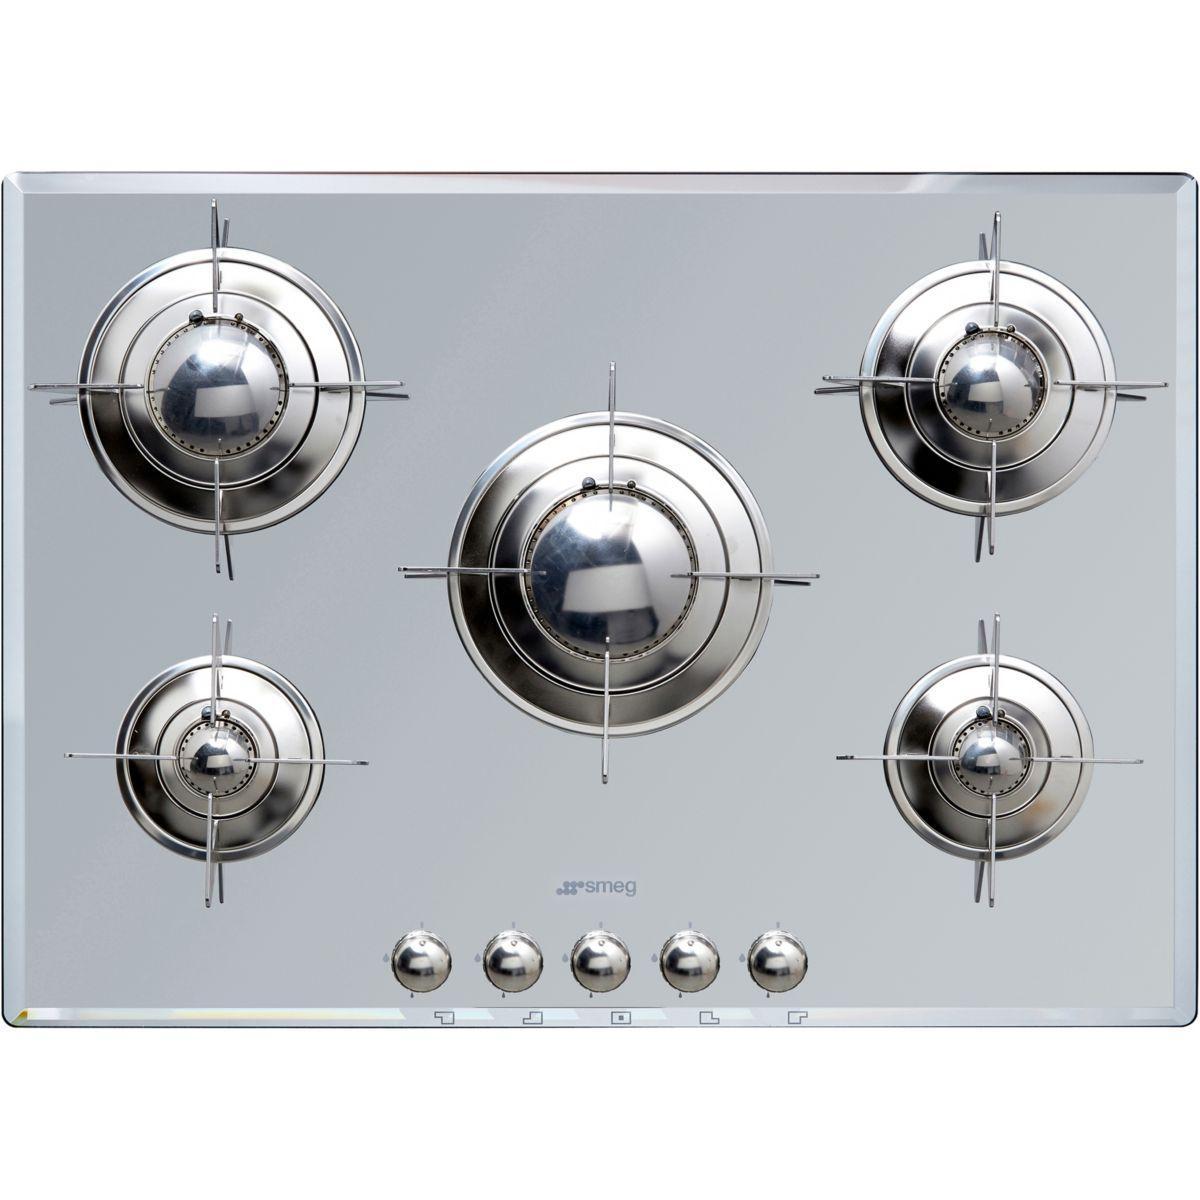 Table de cuisson gaz smeg ptv705es - 5% de remise : code gam5